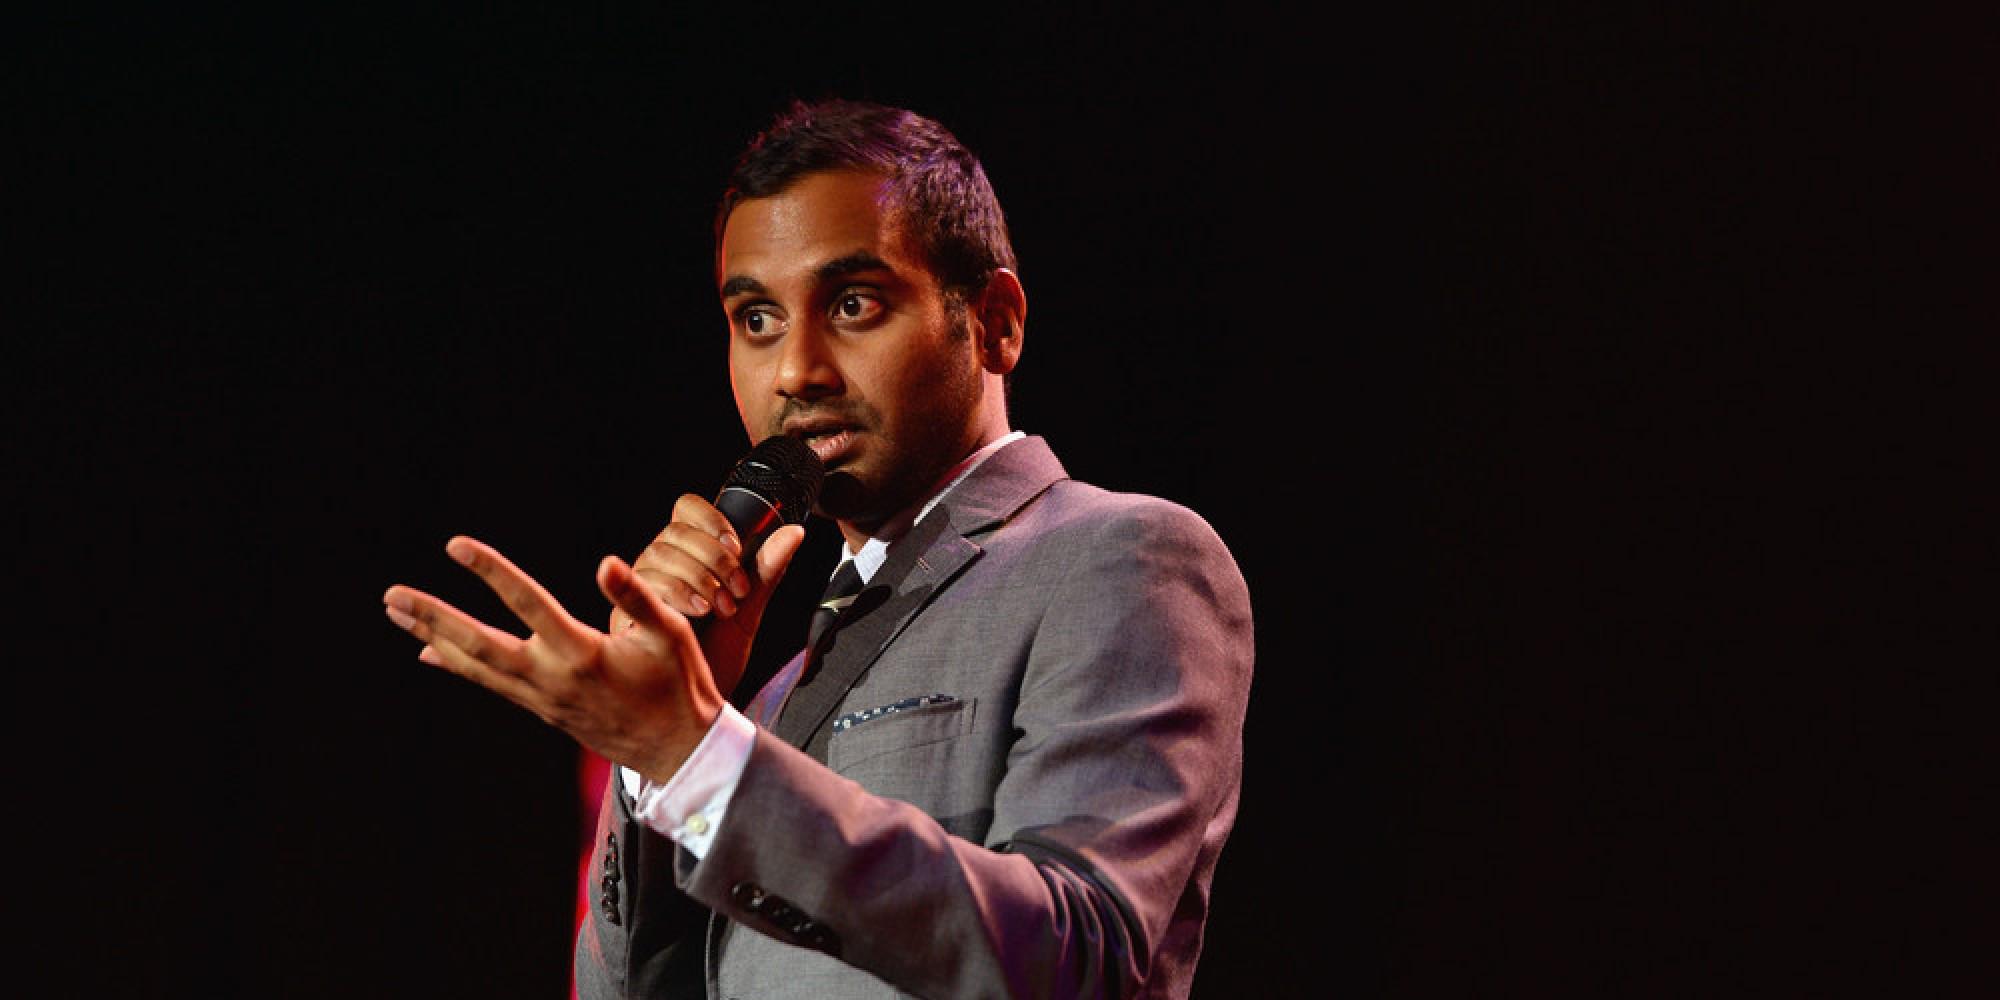 Aziz ansari harris college essay youtube